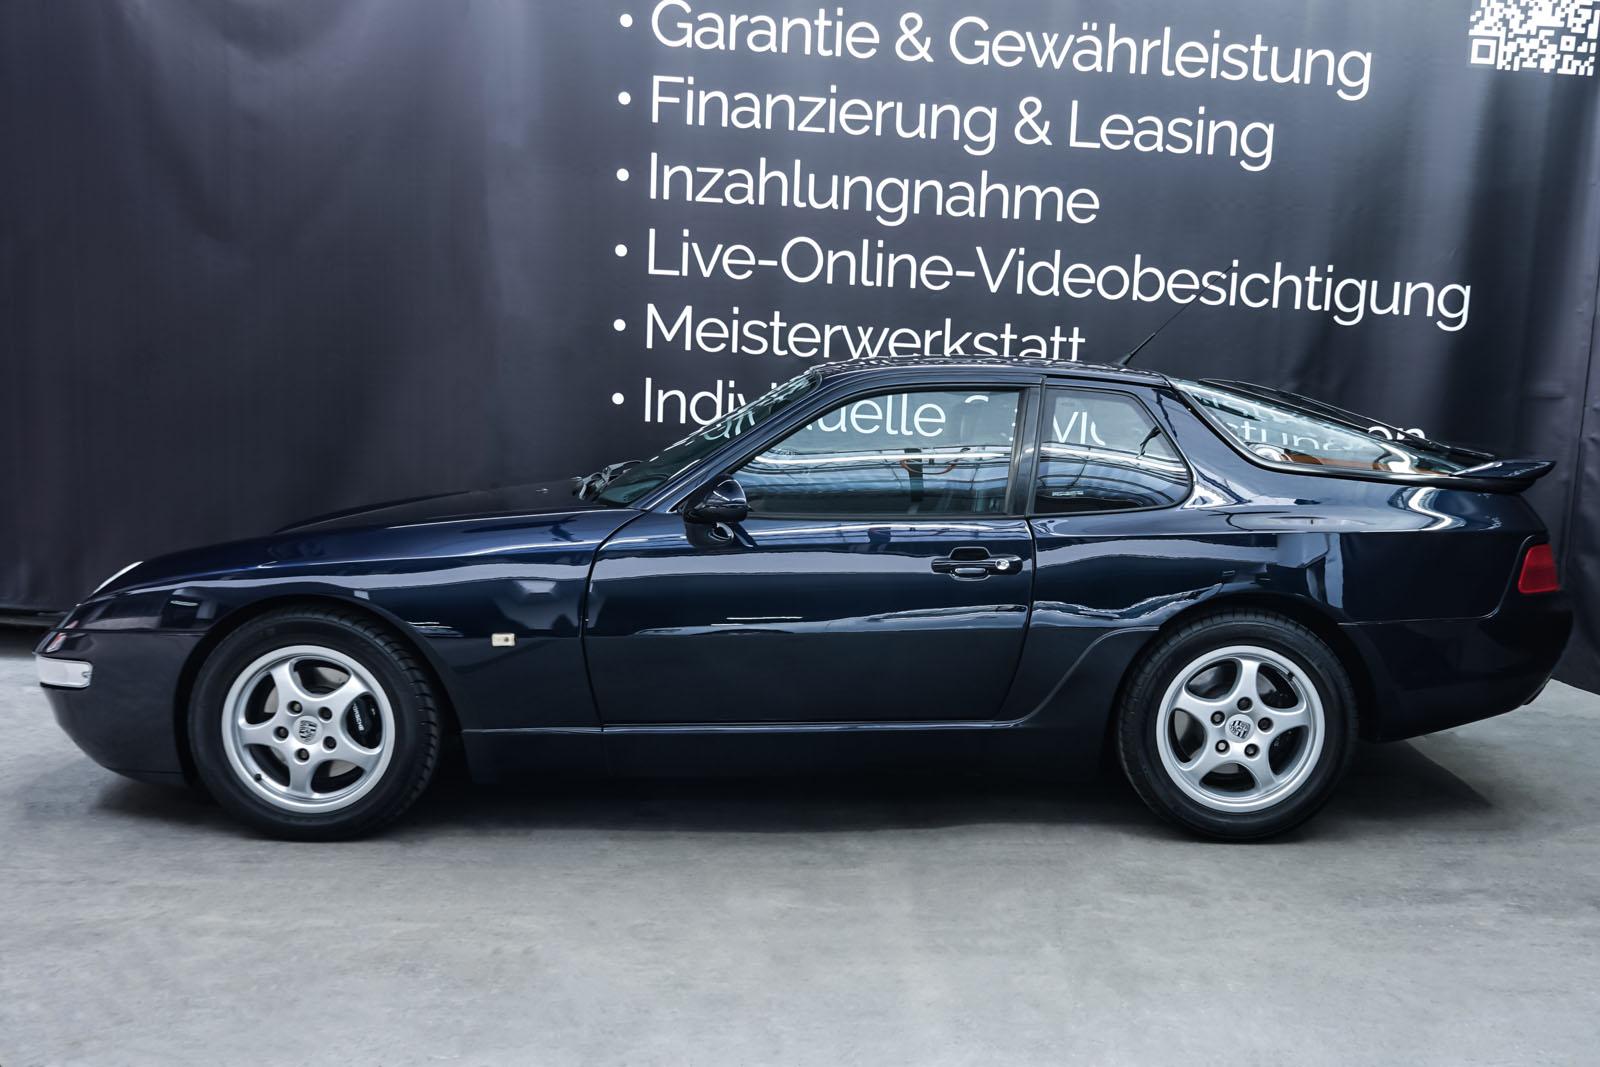 Porsche_968_Blau_Blau_POR-1736_5_w